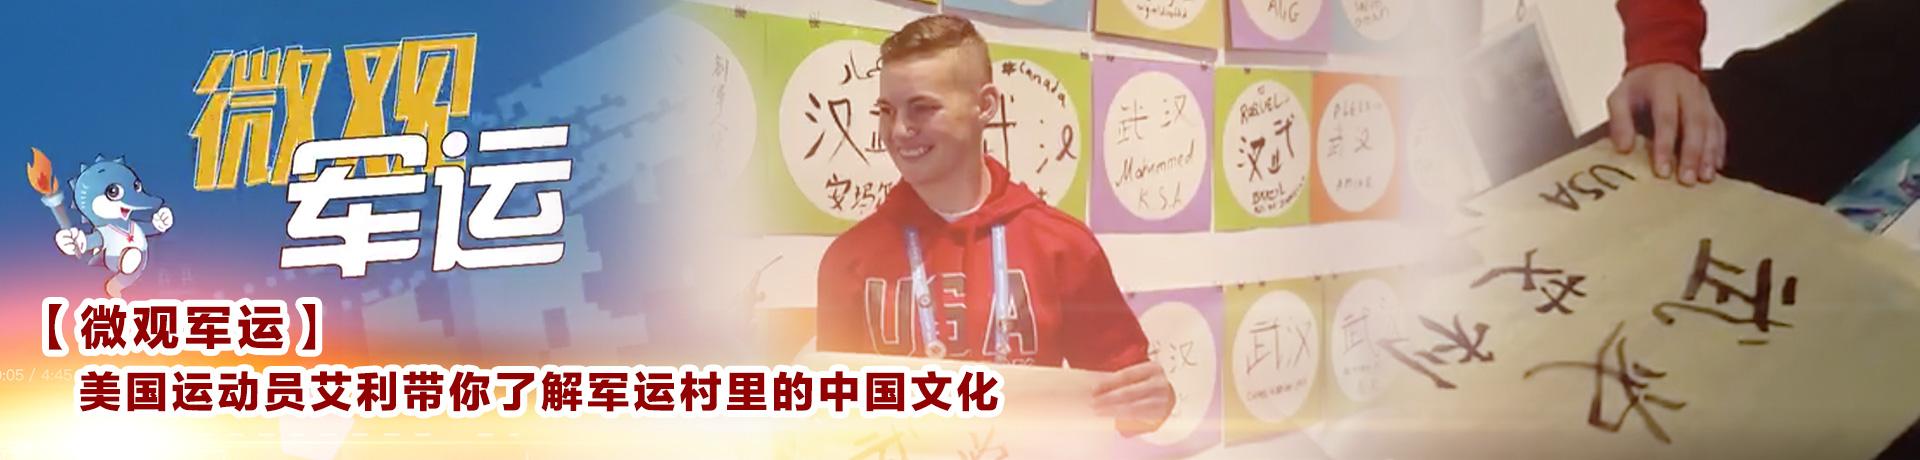 【微观军运】美国运动员艾利带你了解军运村里的中国文化